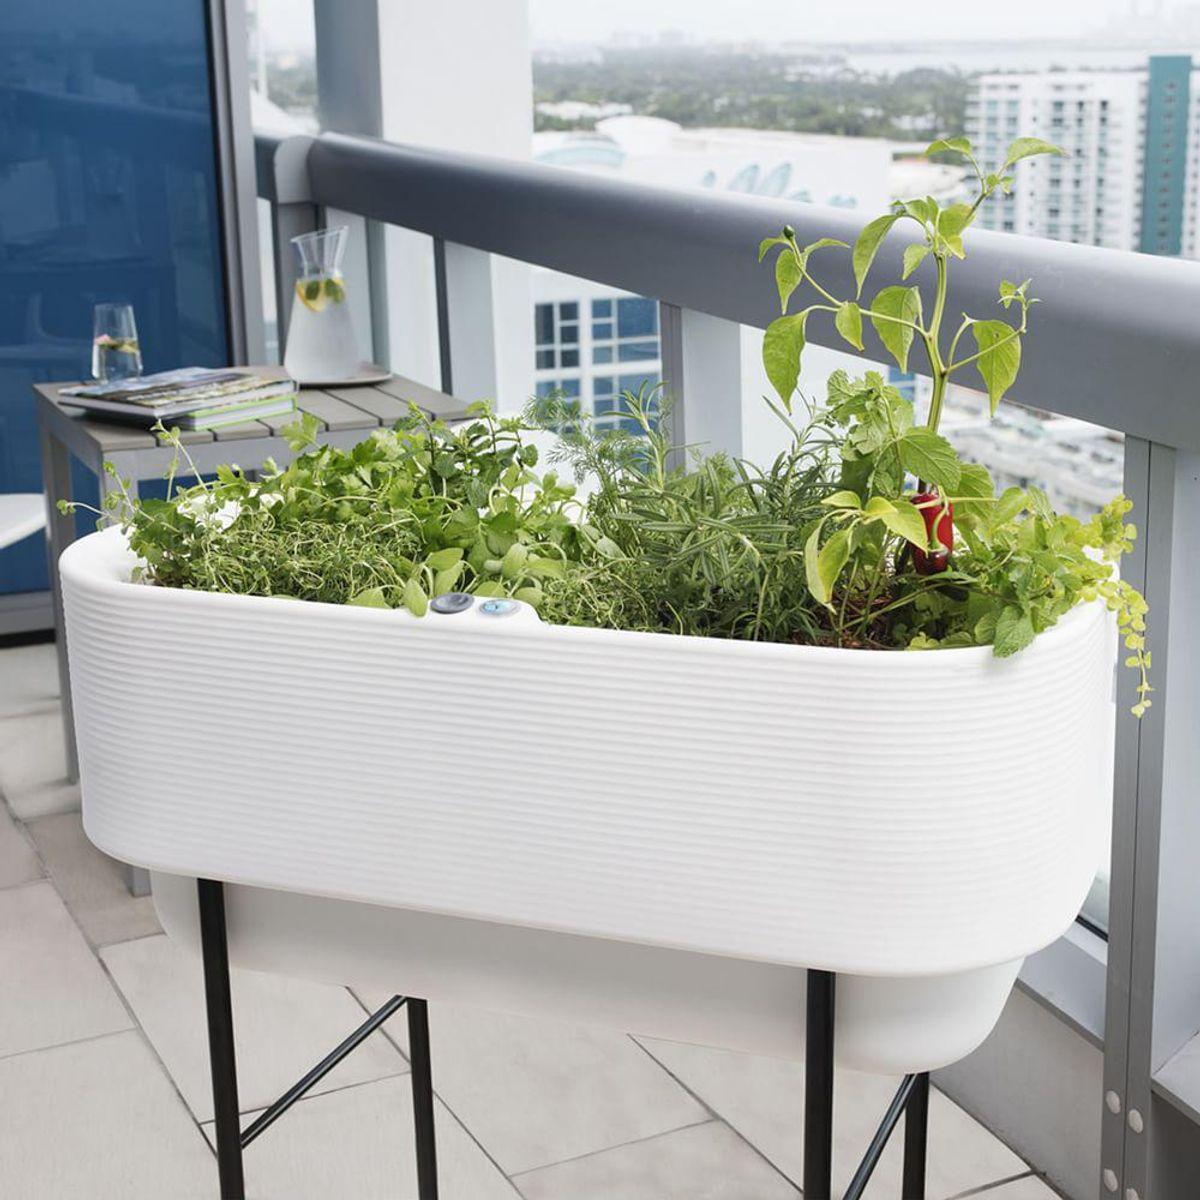 west elm raised nest indoor outdoor planters